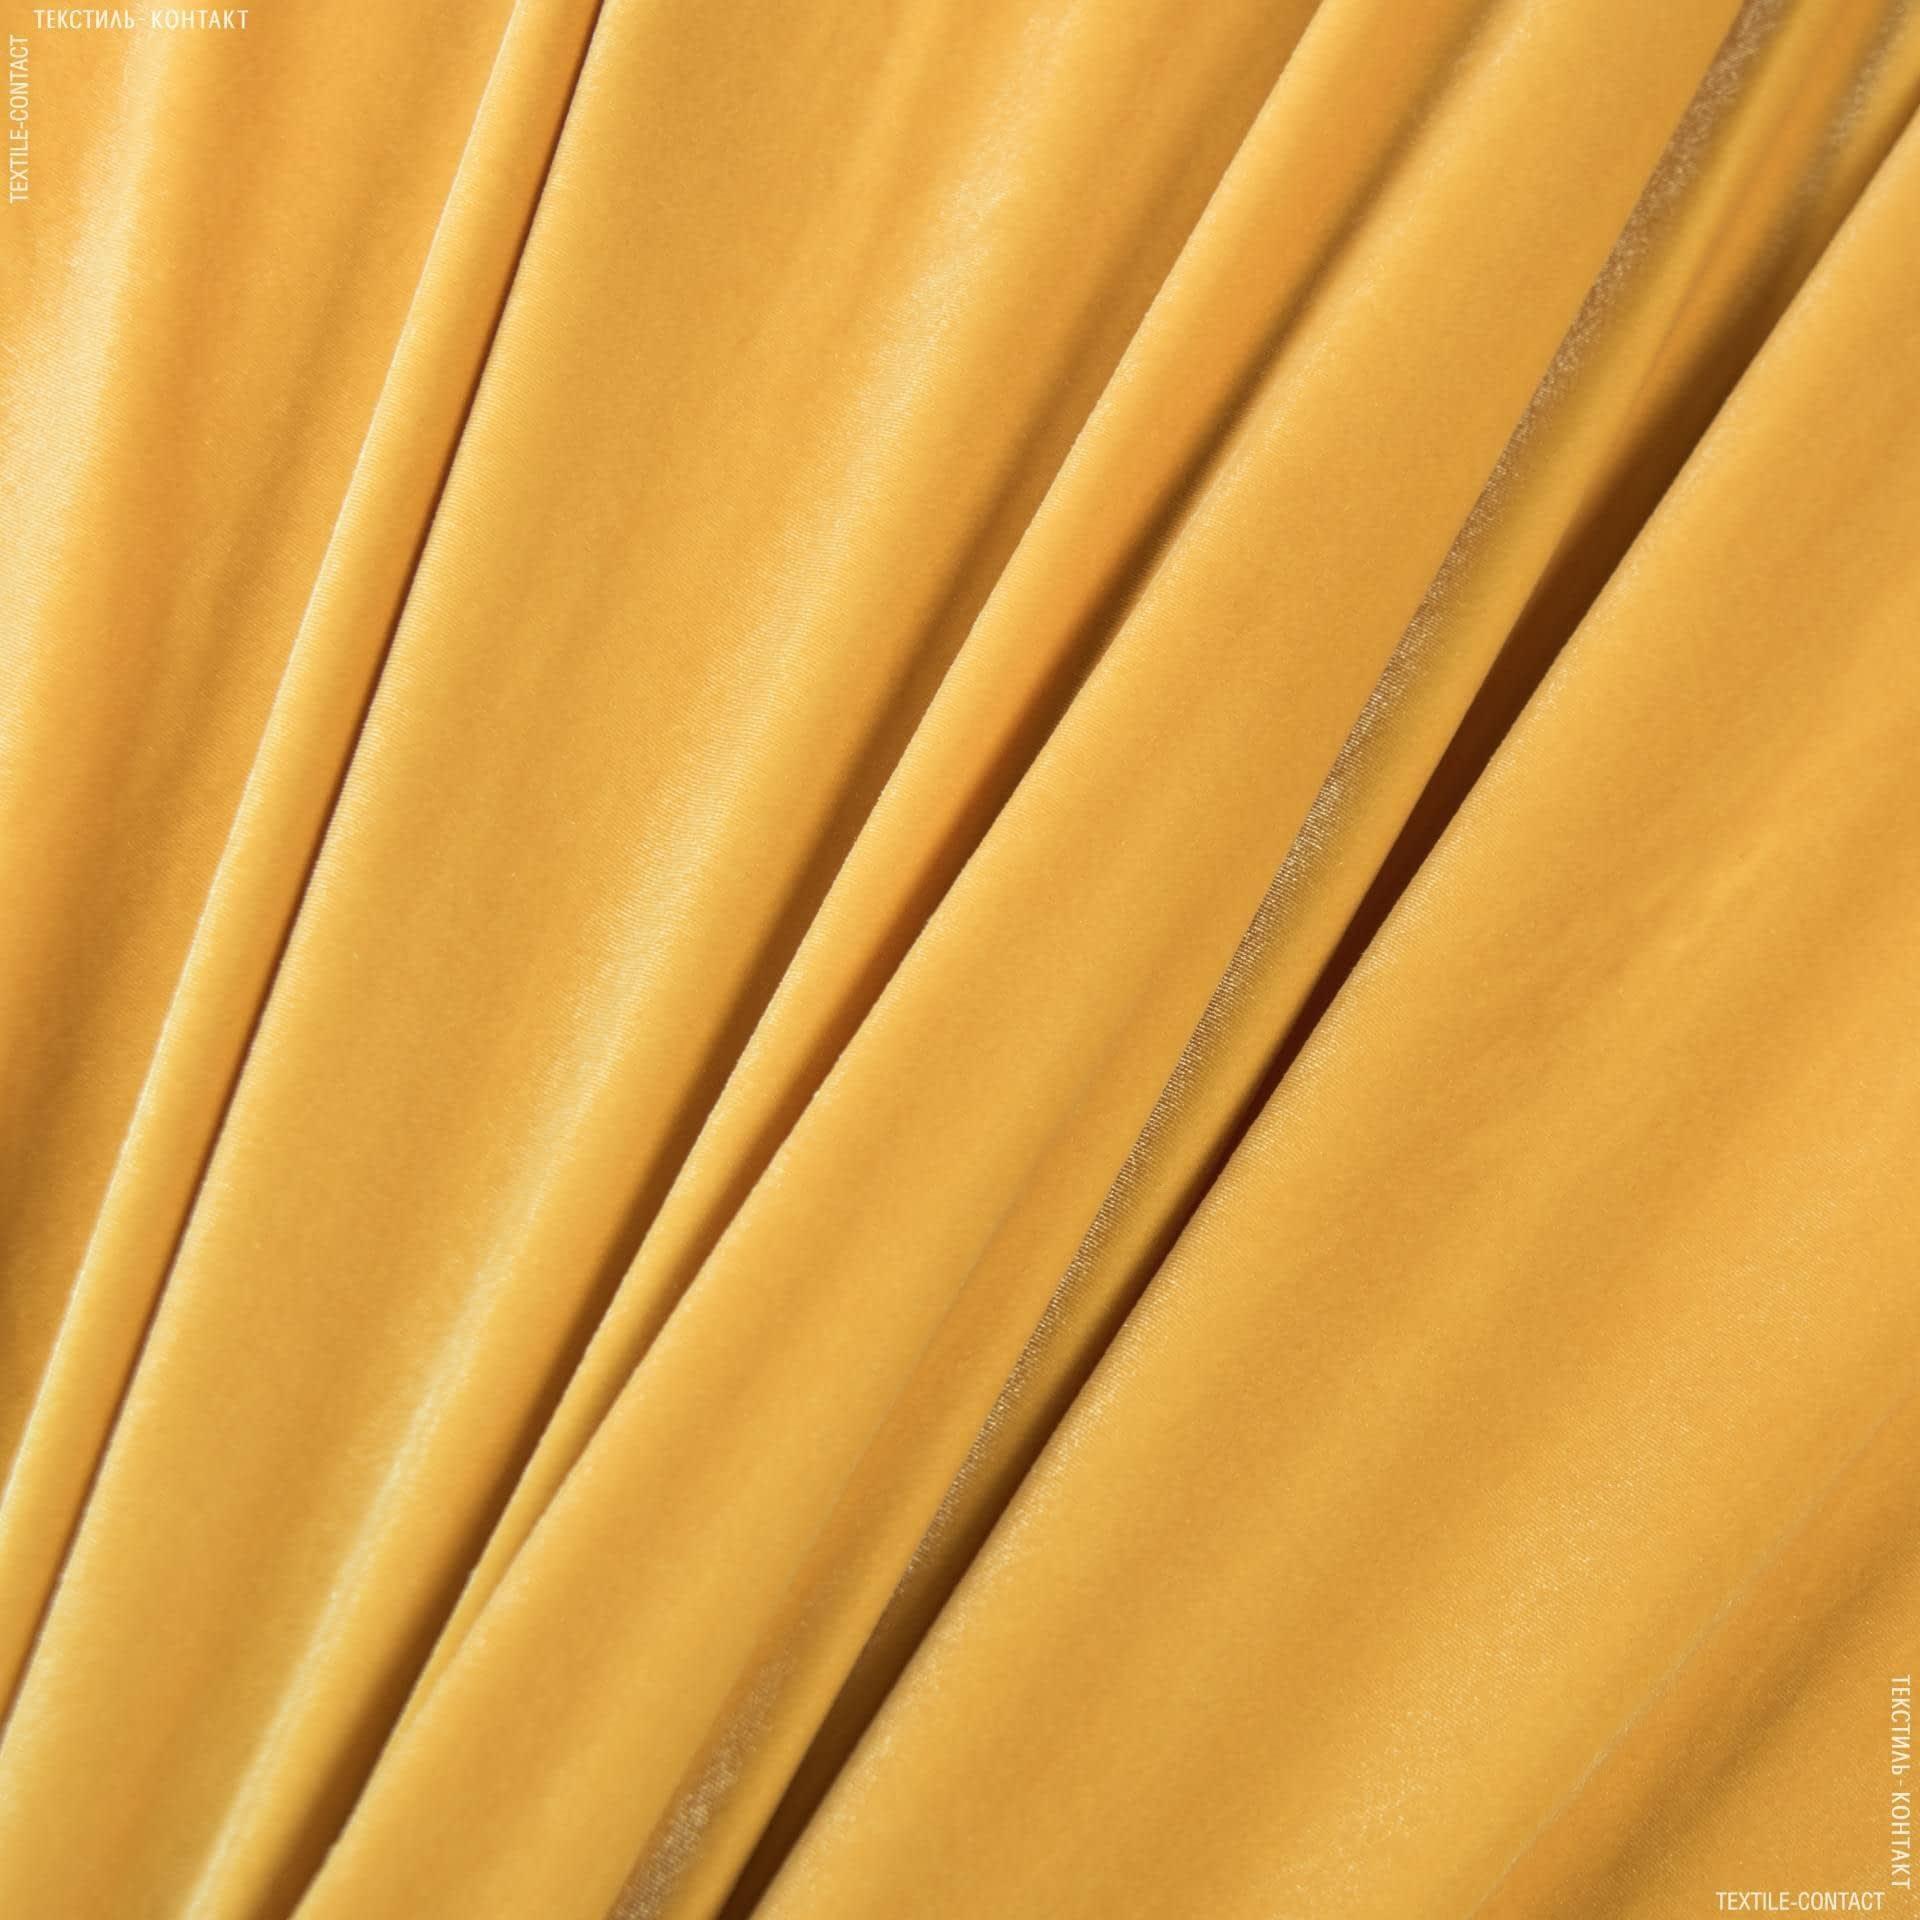 Ткани для верхней одежды - Бархат  стрейч  кремовый